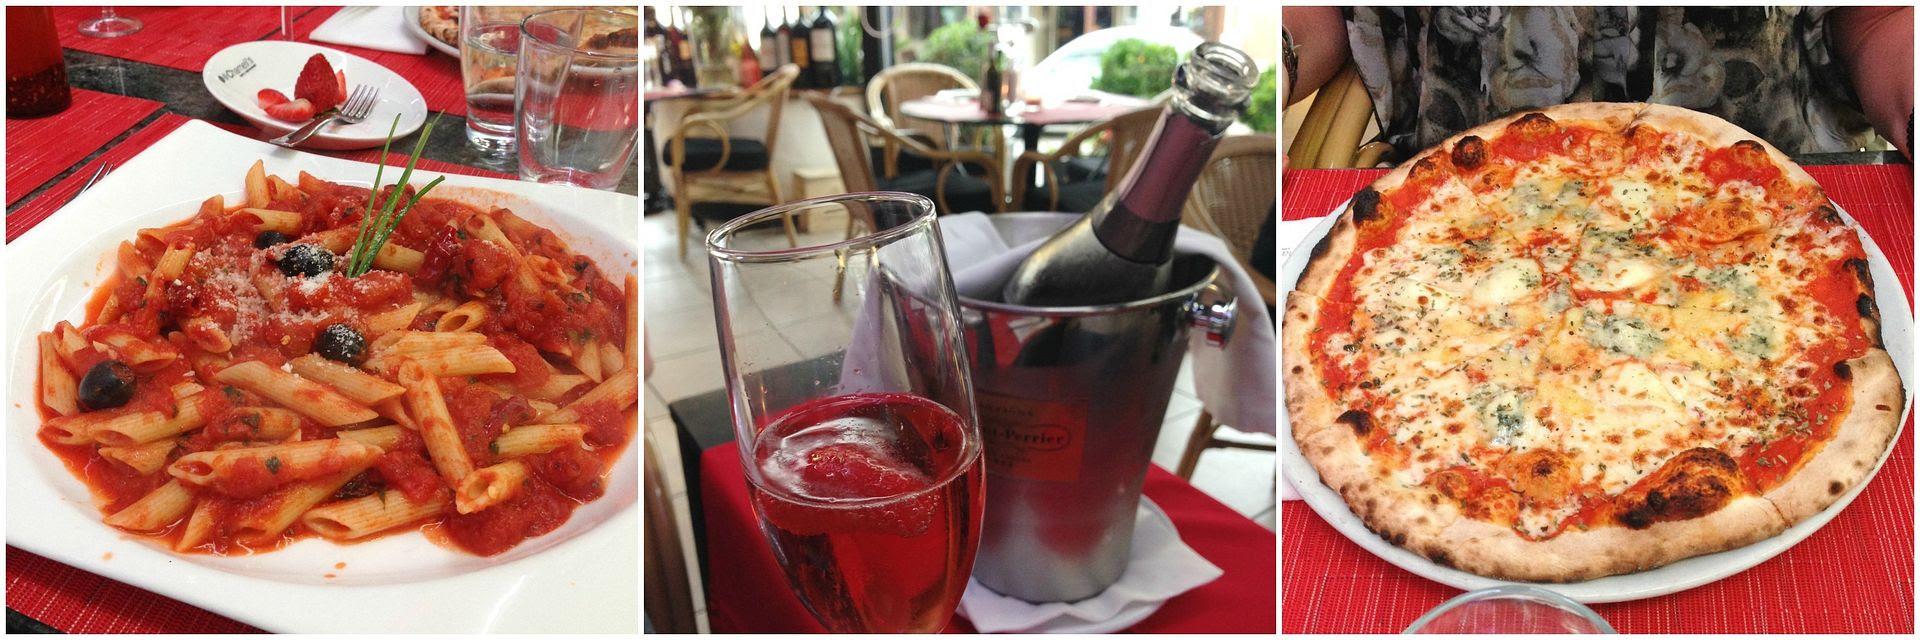 Chameli's Cafe & restaurant, portals nous